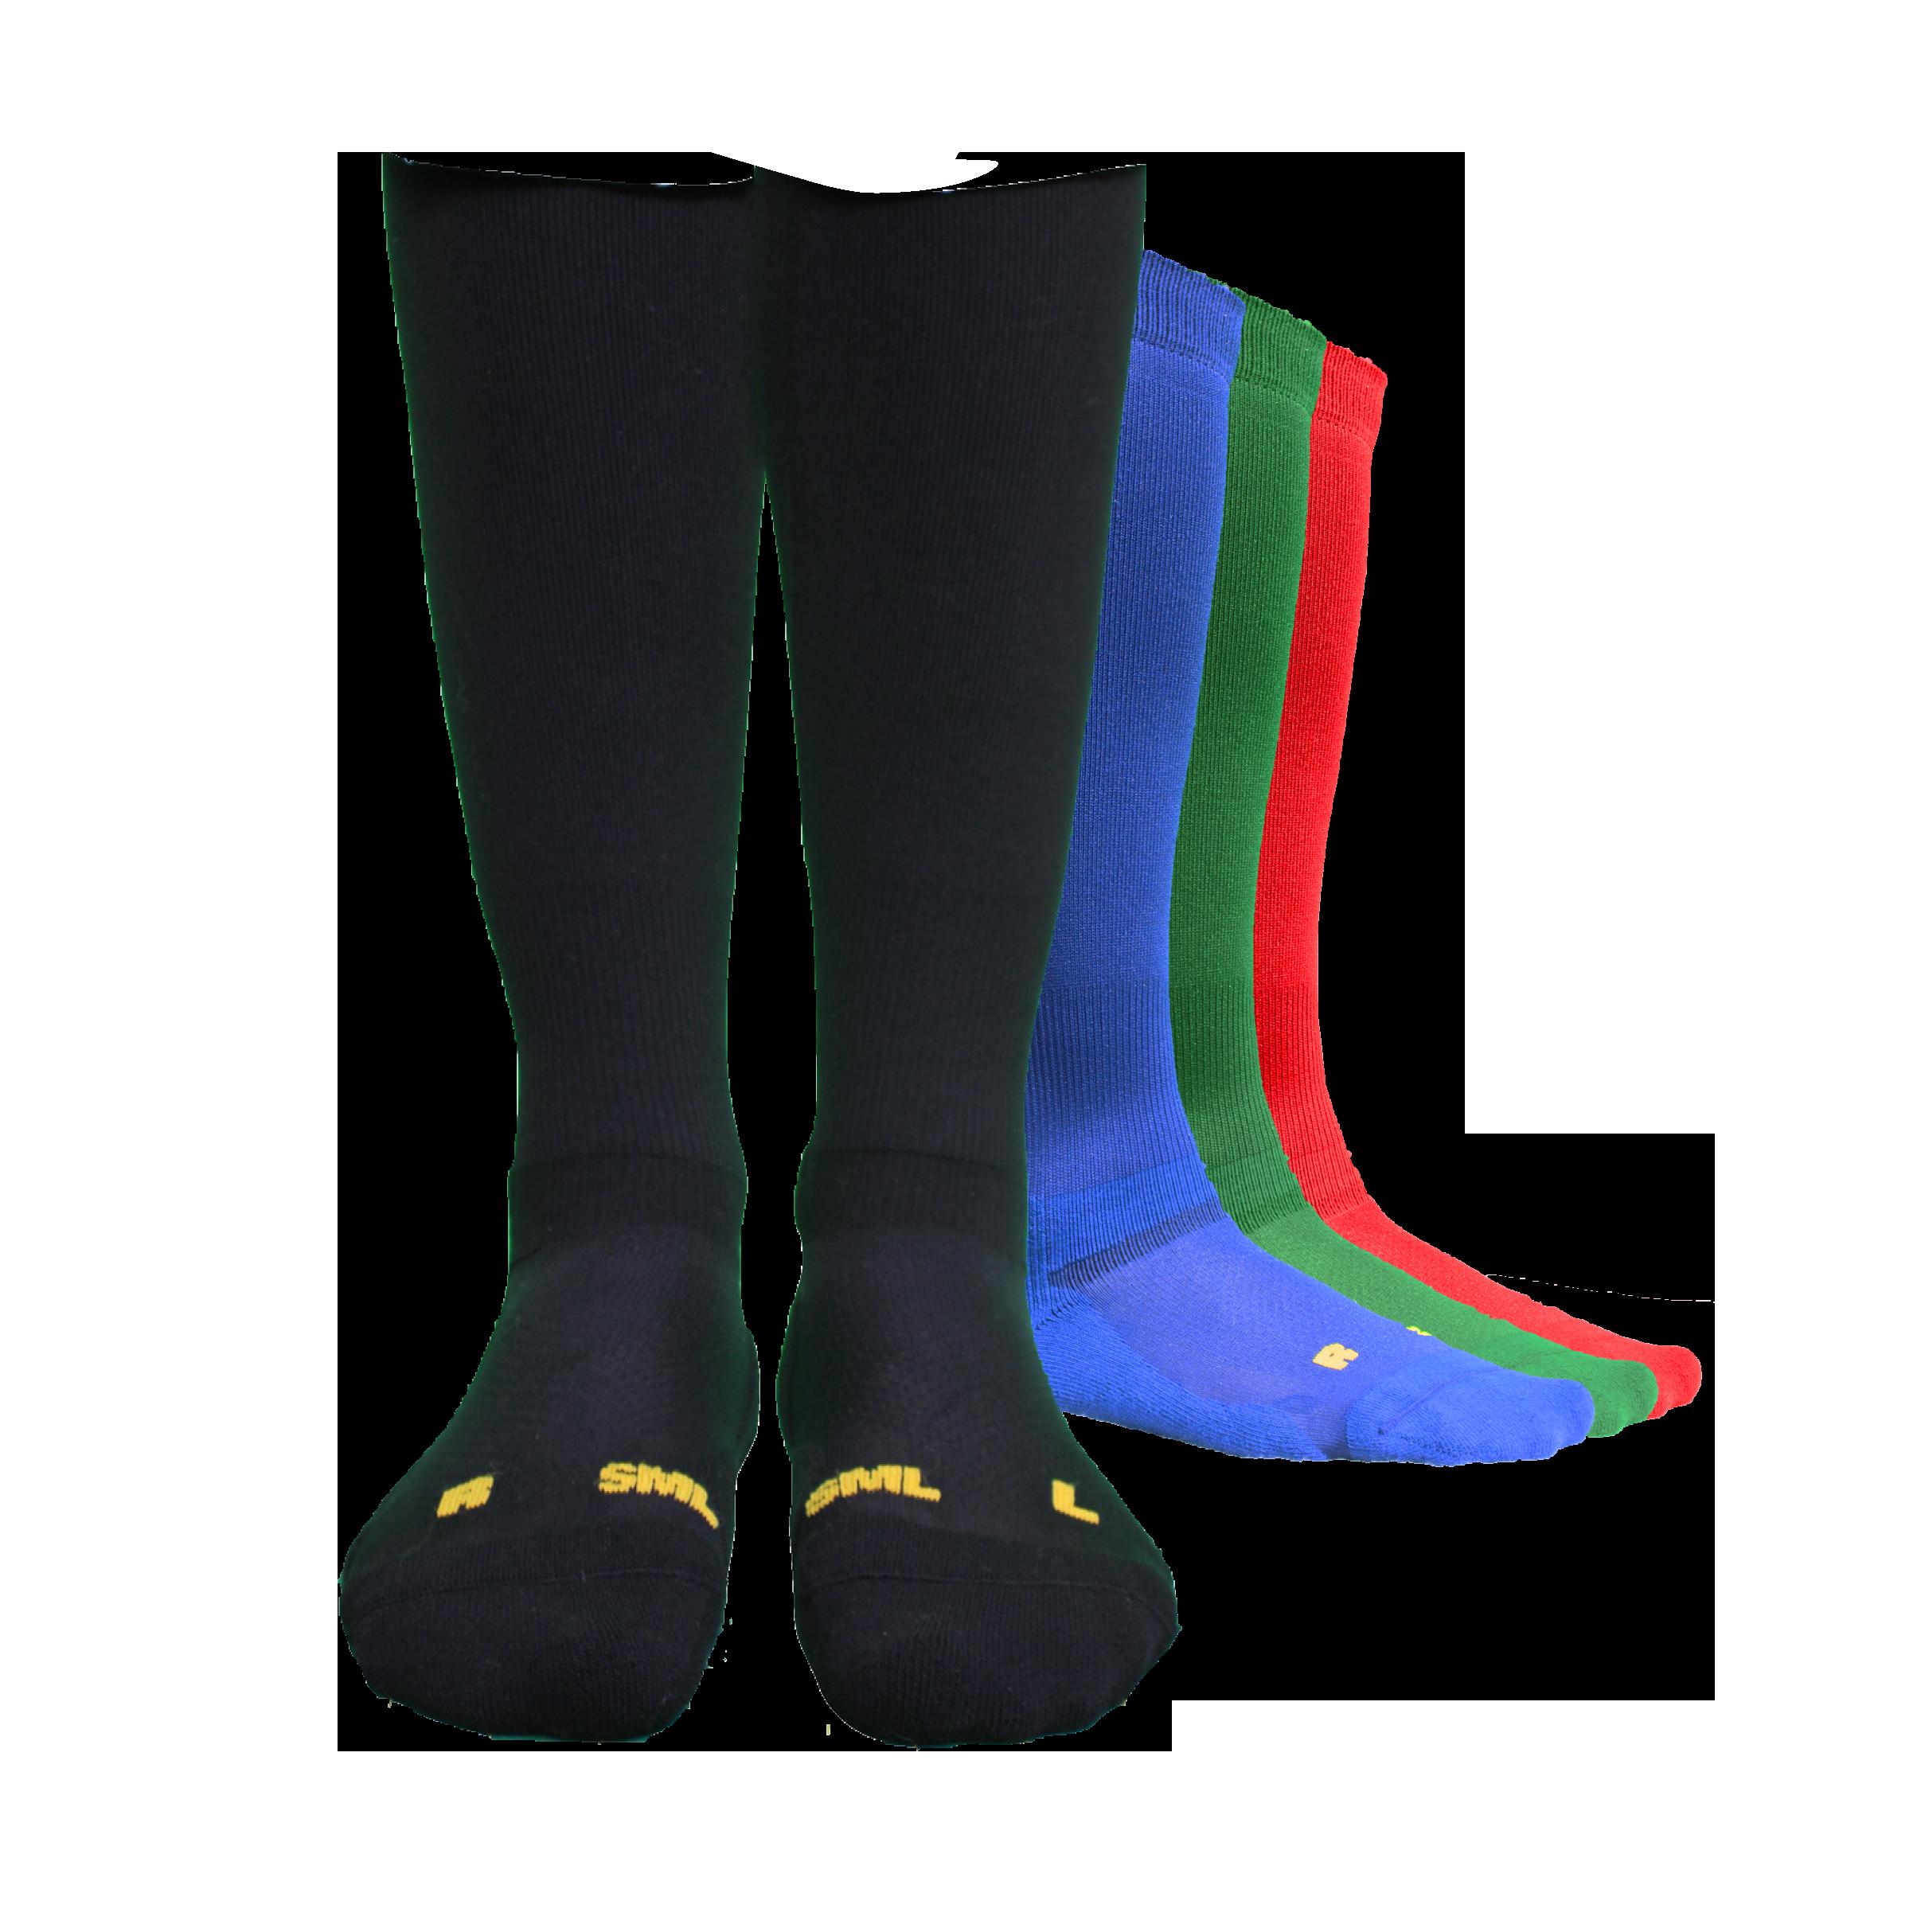 club-socks-3